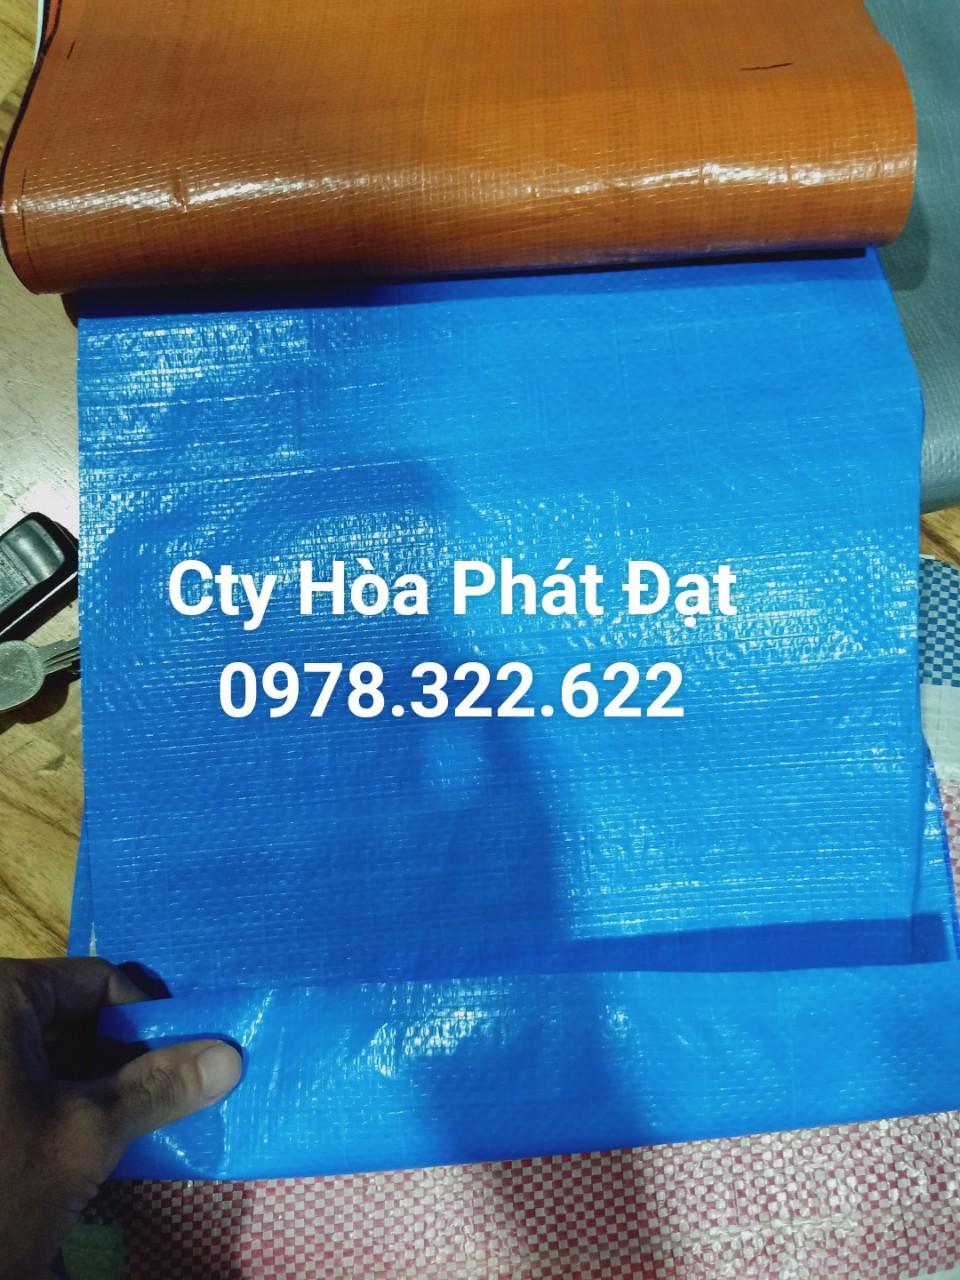 Chuyên cung cấp nhận in may ép vải bạt mái hiên mái xếp theo yêu cầu, gia công thay bạt mái che tại  dak lak